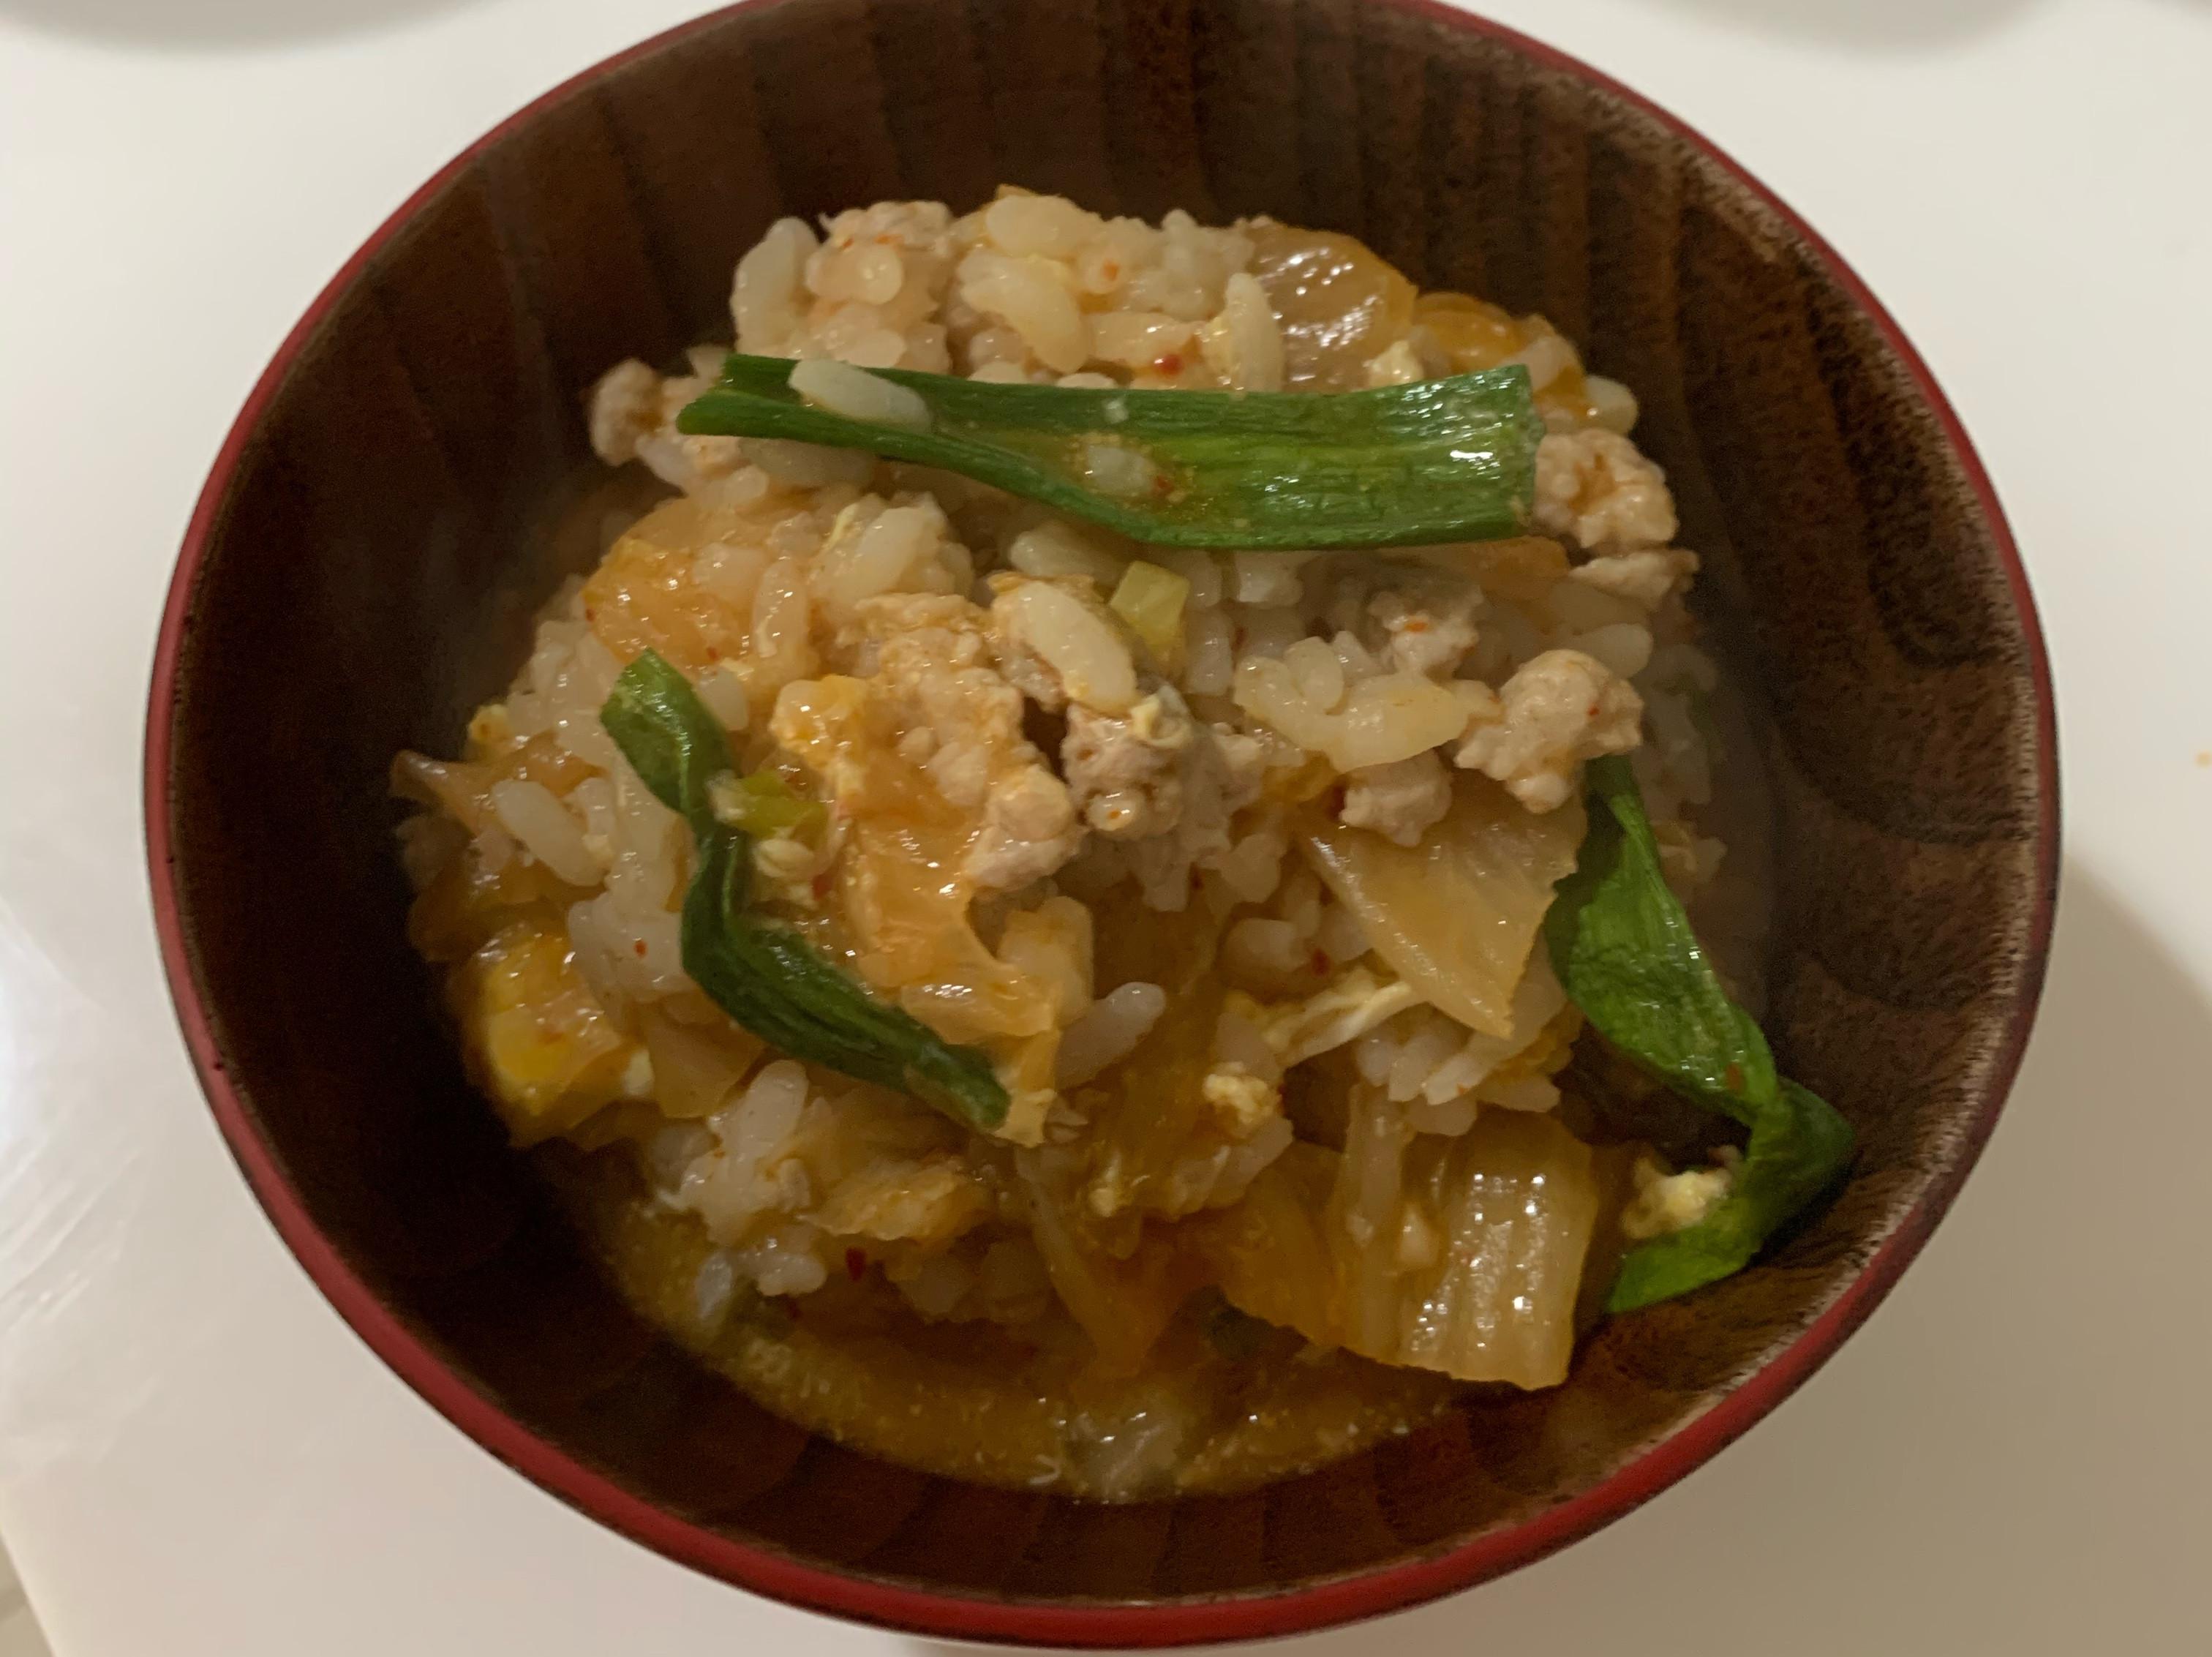 豬絞泡菜雜炊